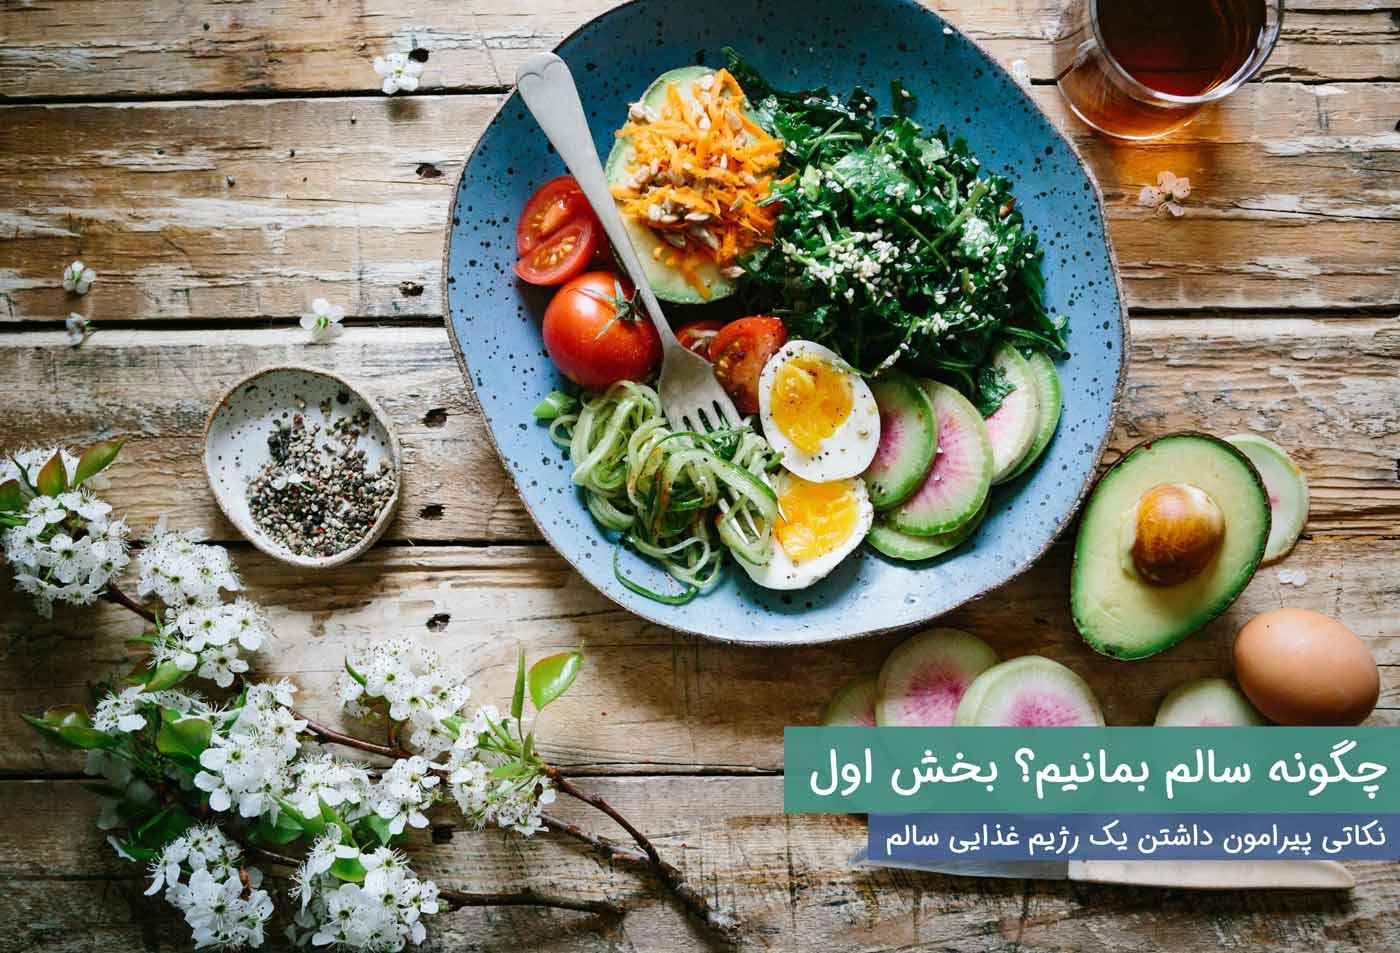 چگونه سالم بمانیم رژیم غذایی سالم